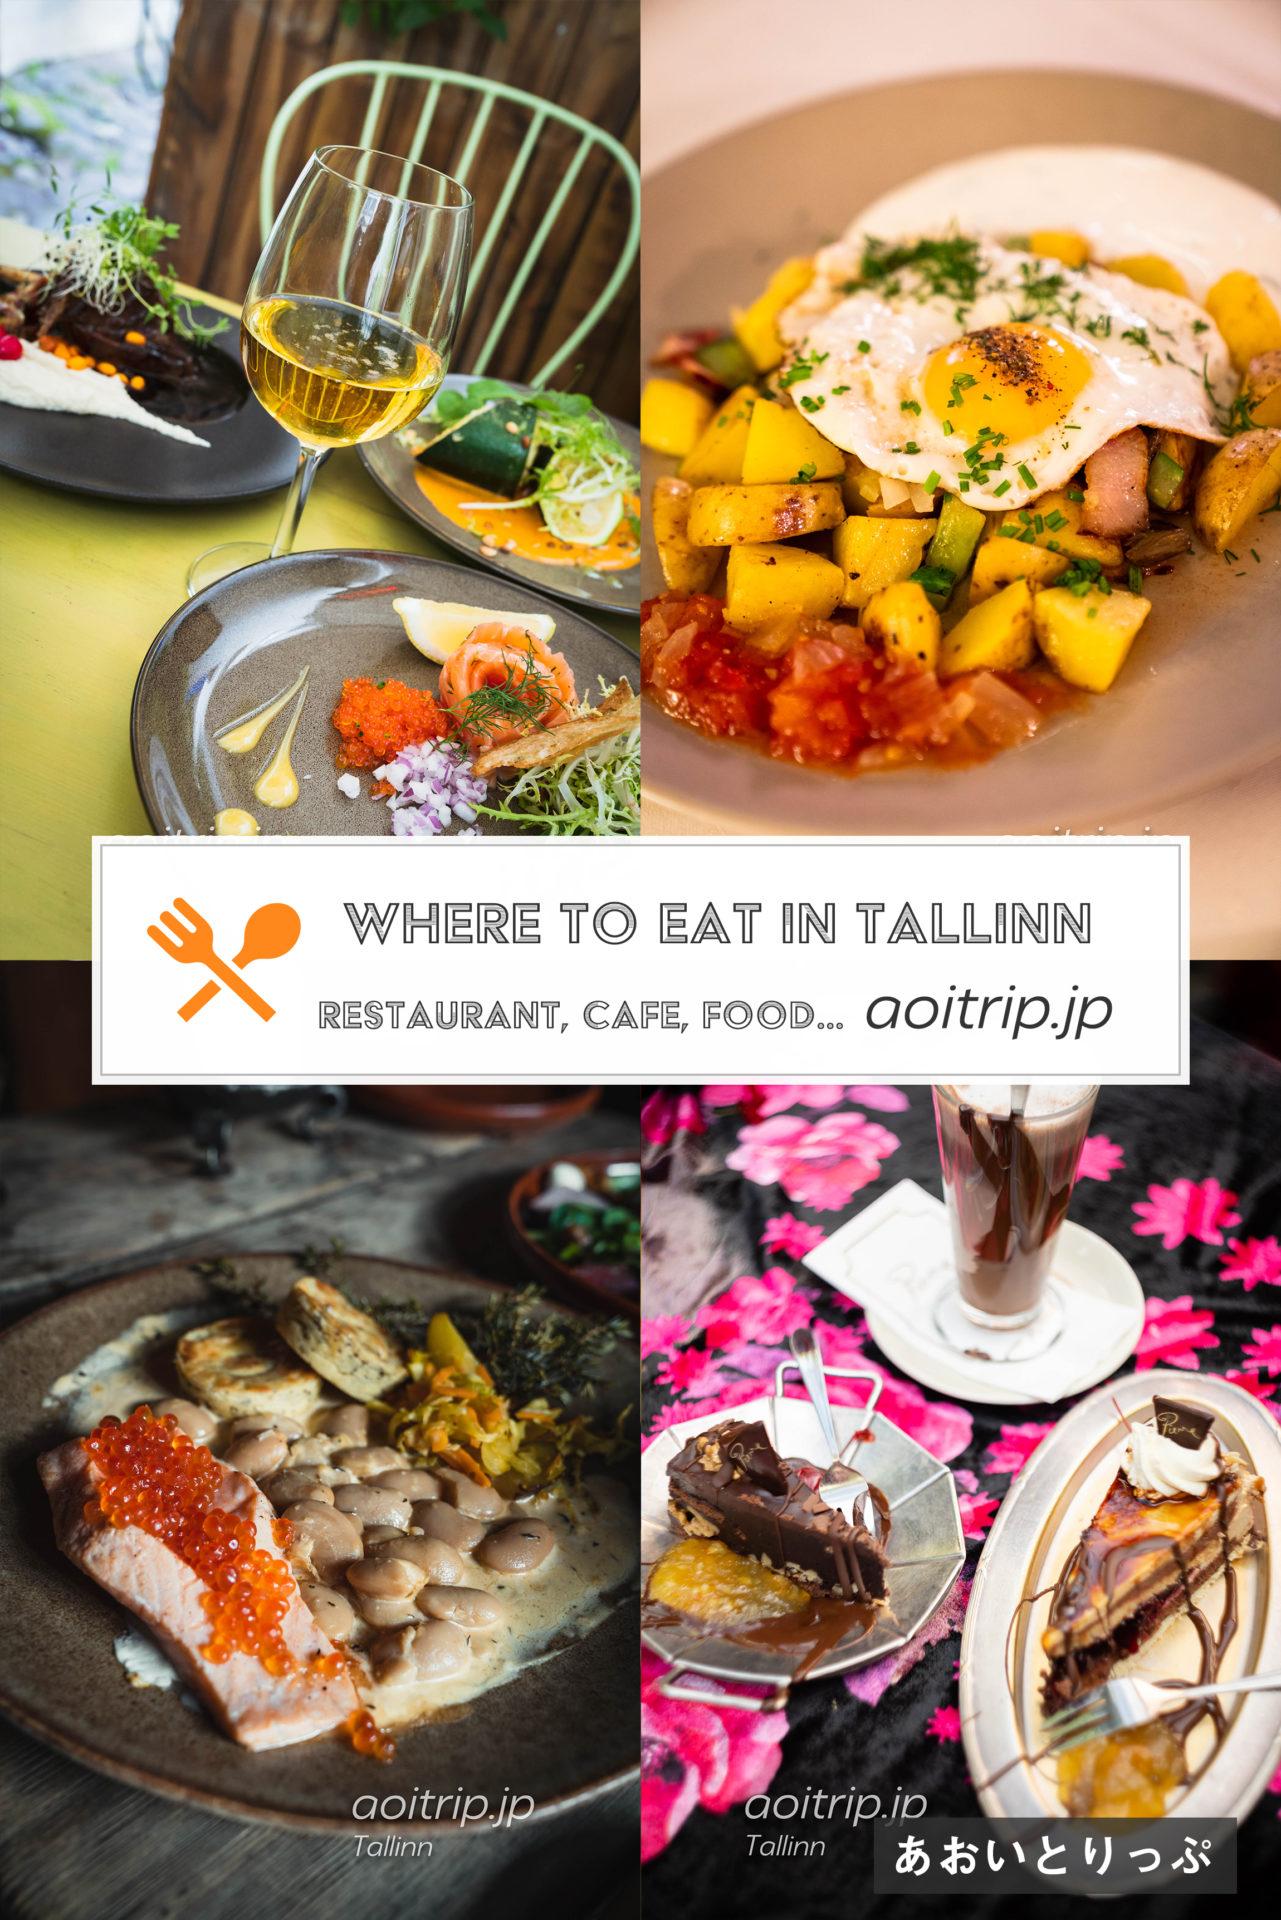 タリンで食べた美味しいグルメ レストラン|Where To Eat In Tallinn(エストニア)